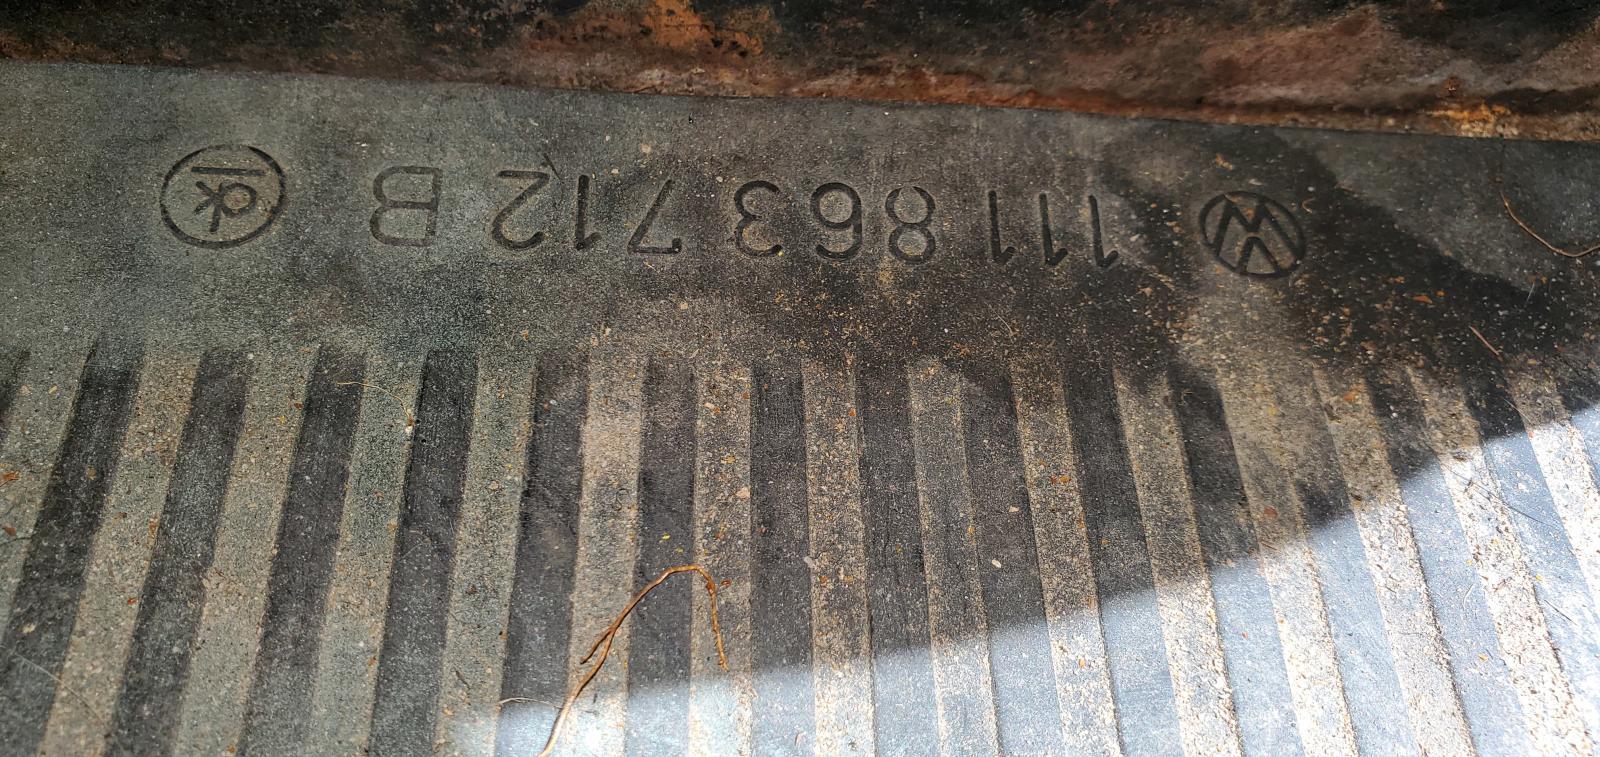 Floor mat numbers